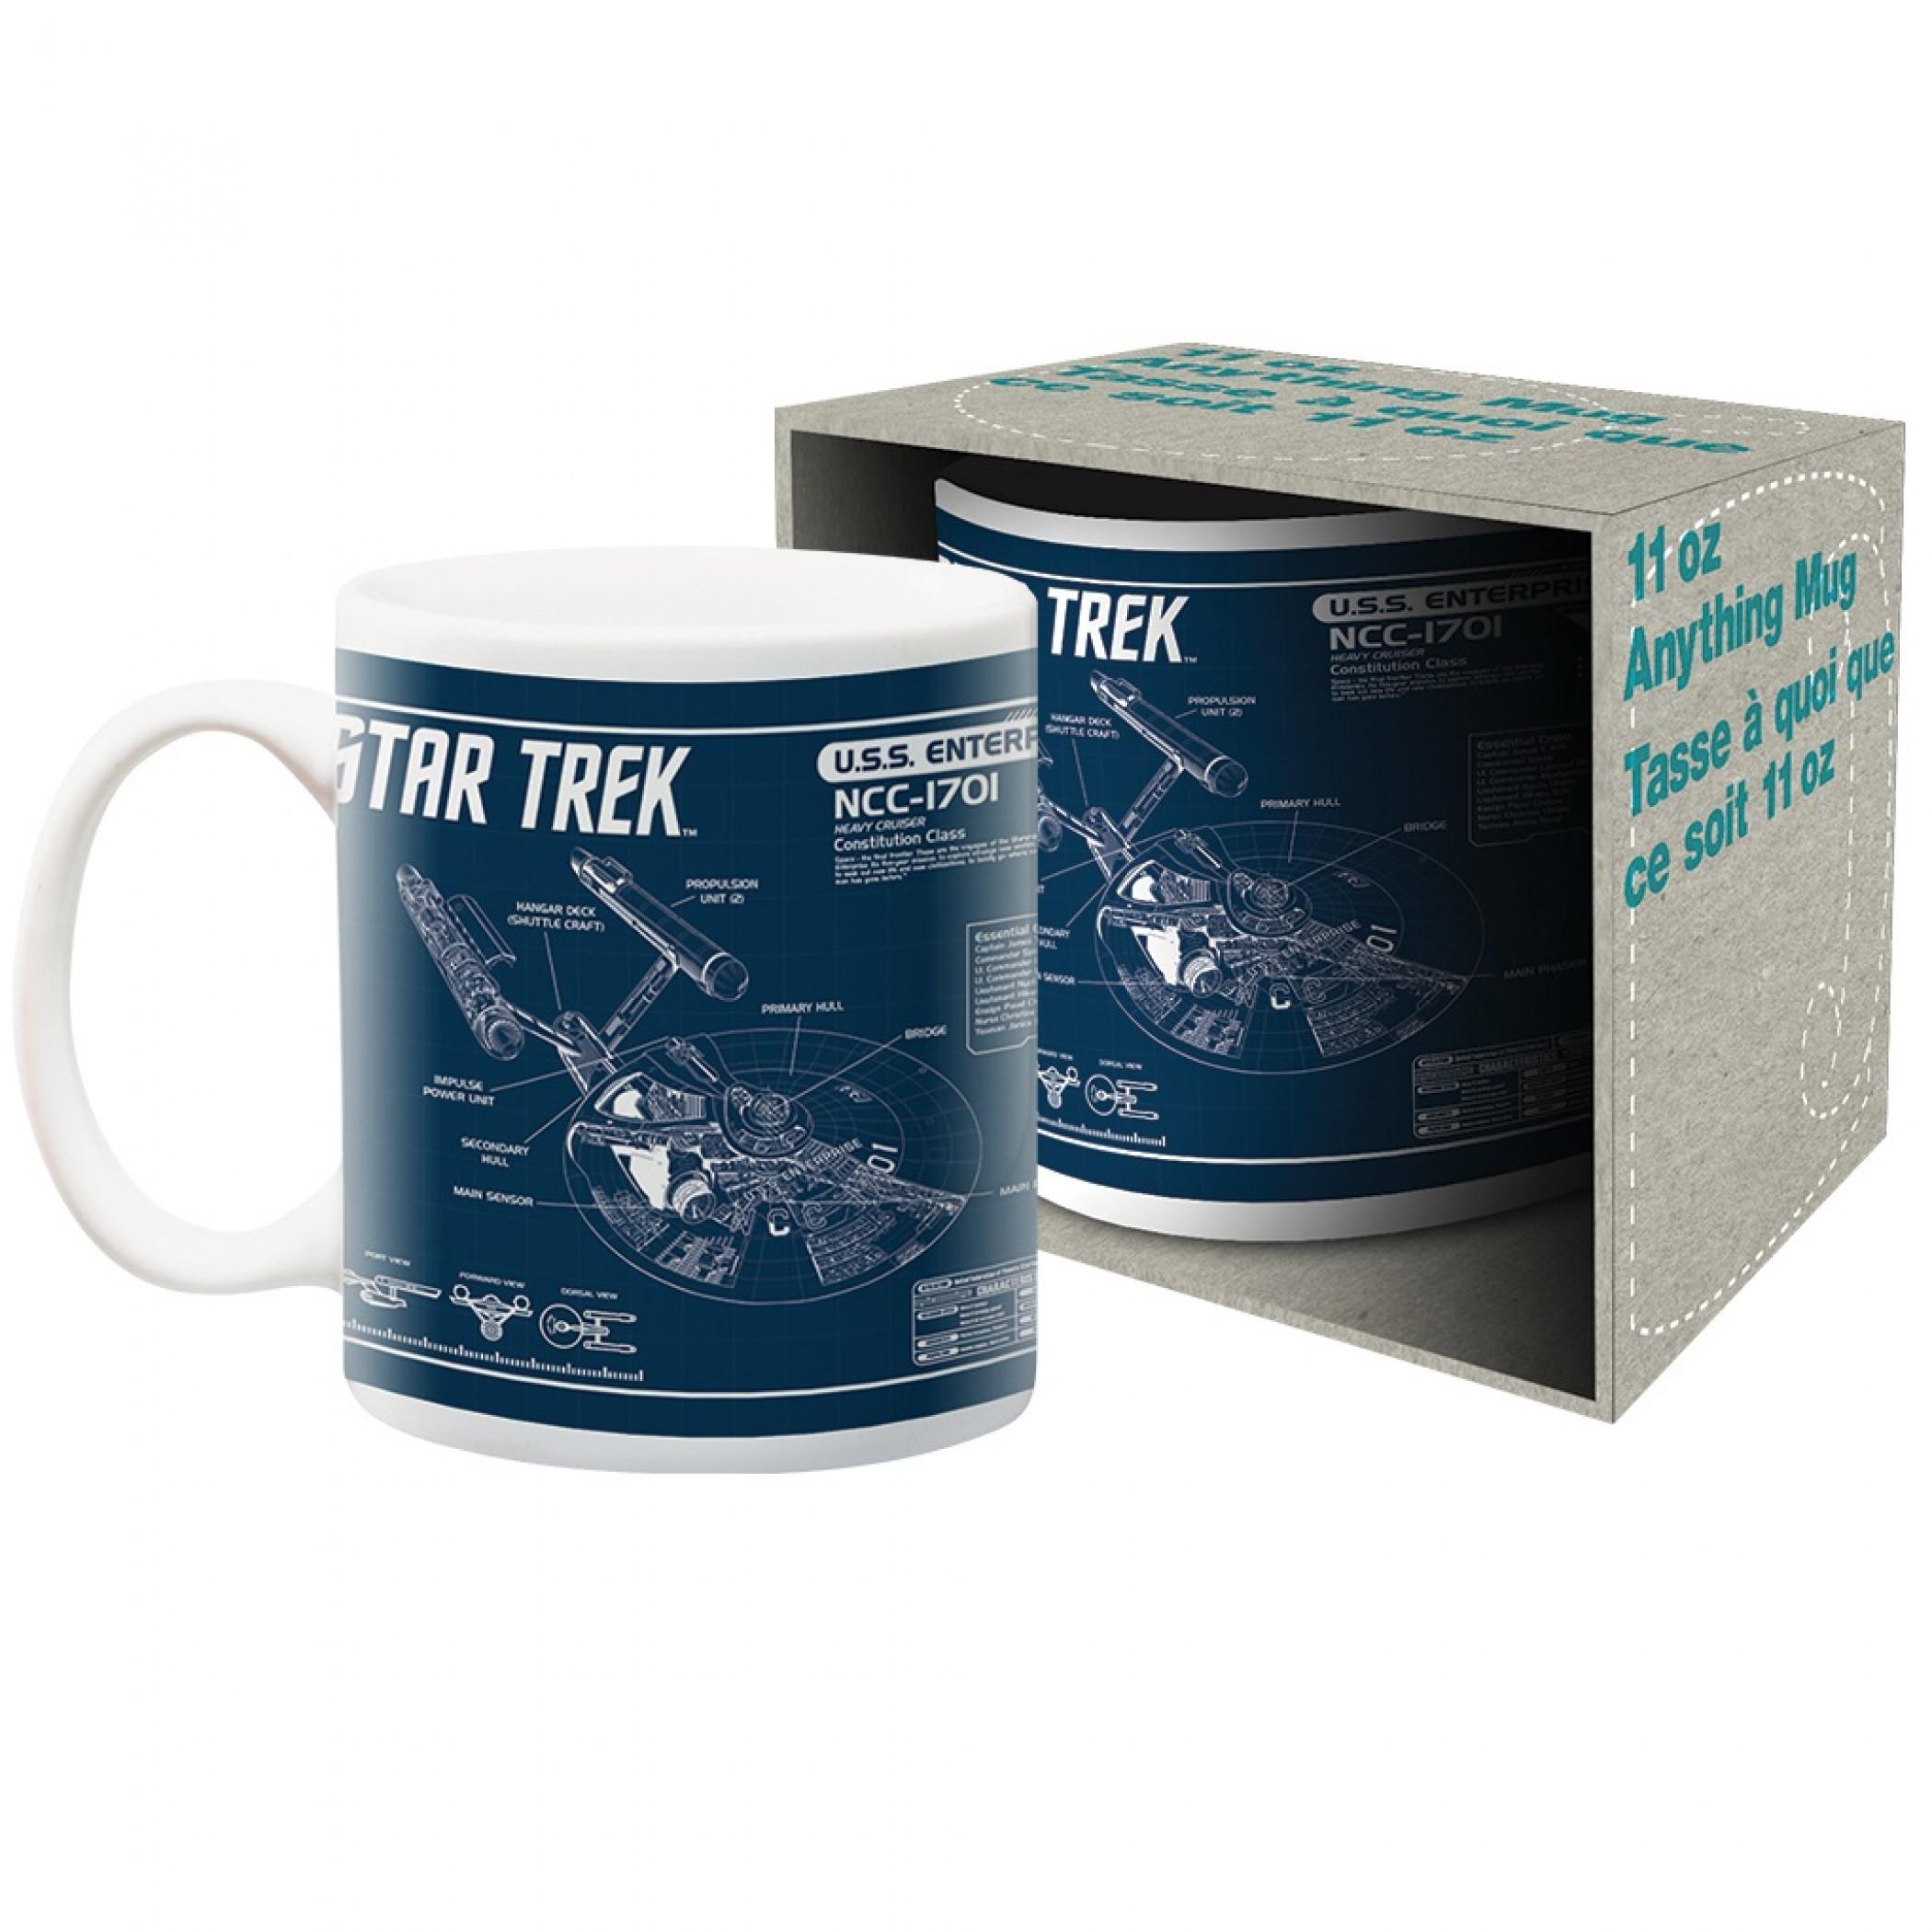 Star Trek U.S.S. Enterprise Blueprint Ceramic Mug